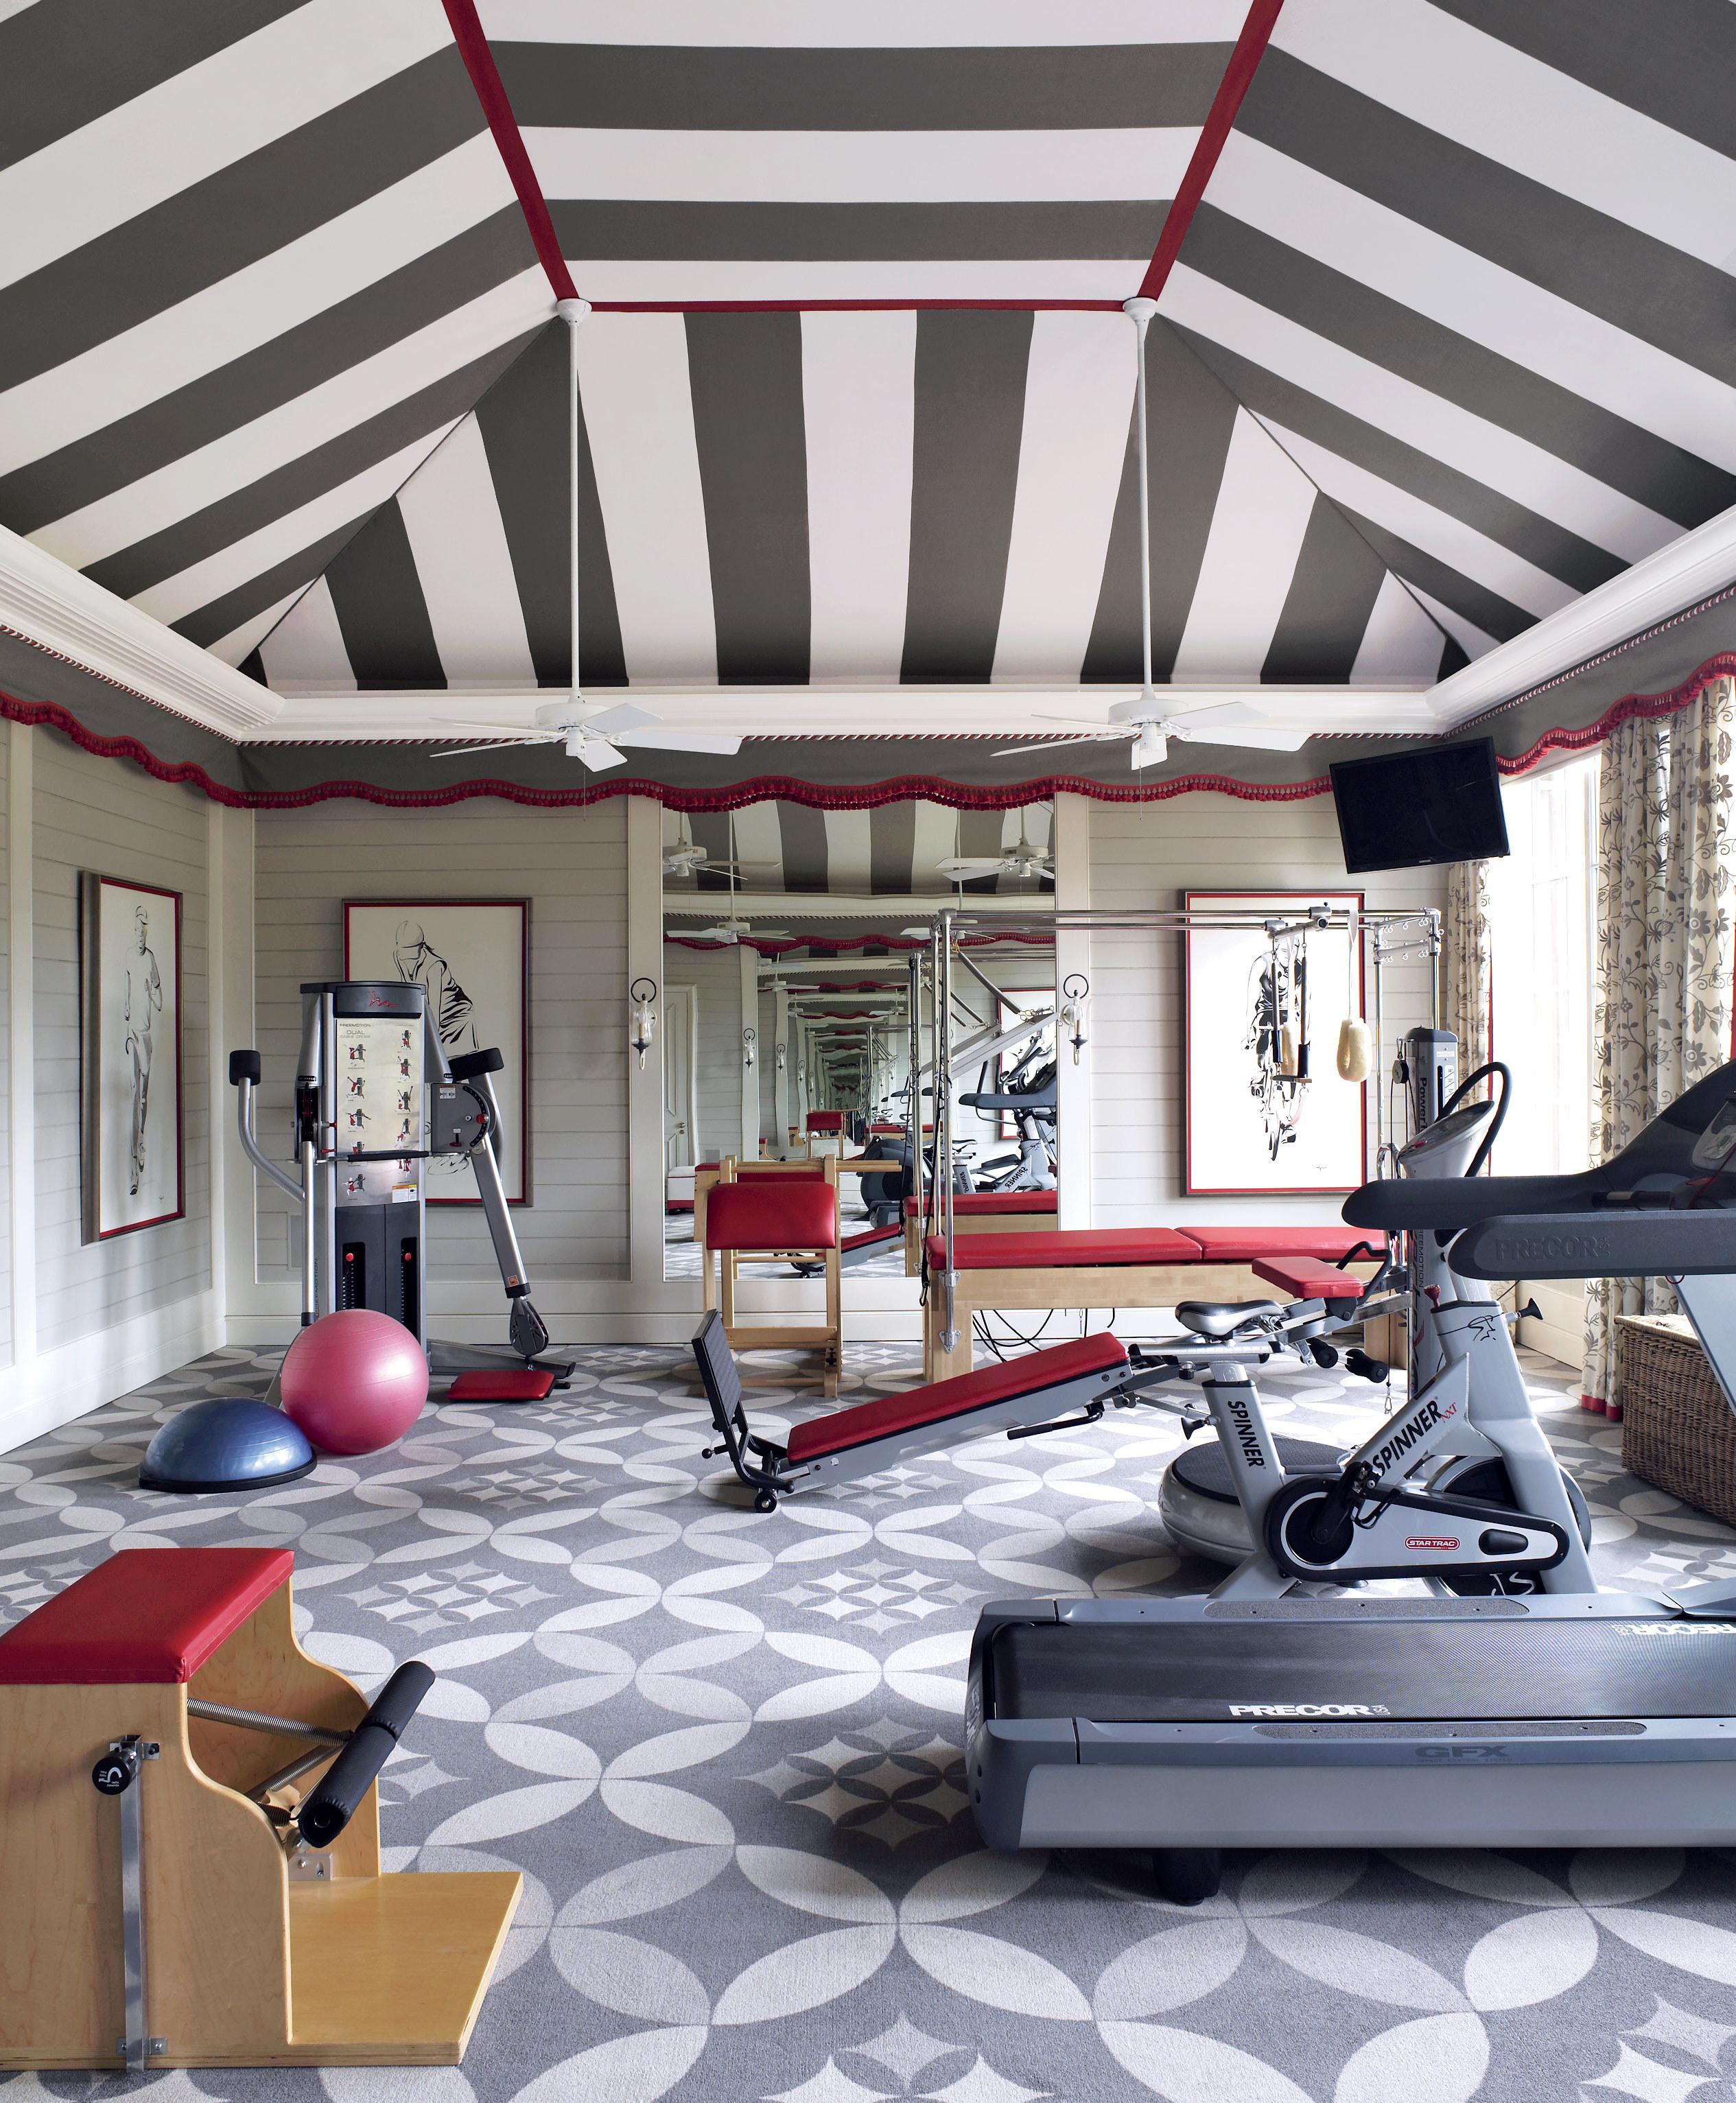 Home Gym Room Design Ideas: Smart Home Gym Ideas & Designs